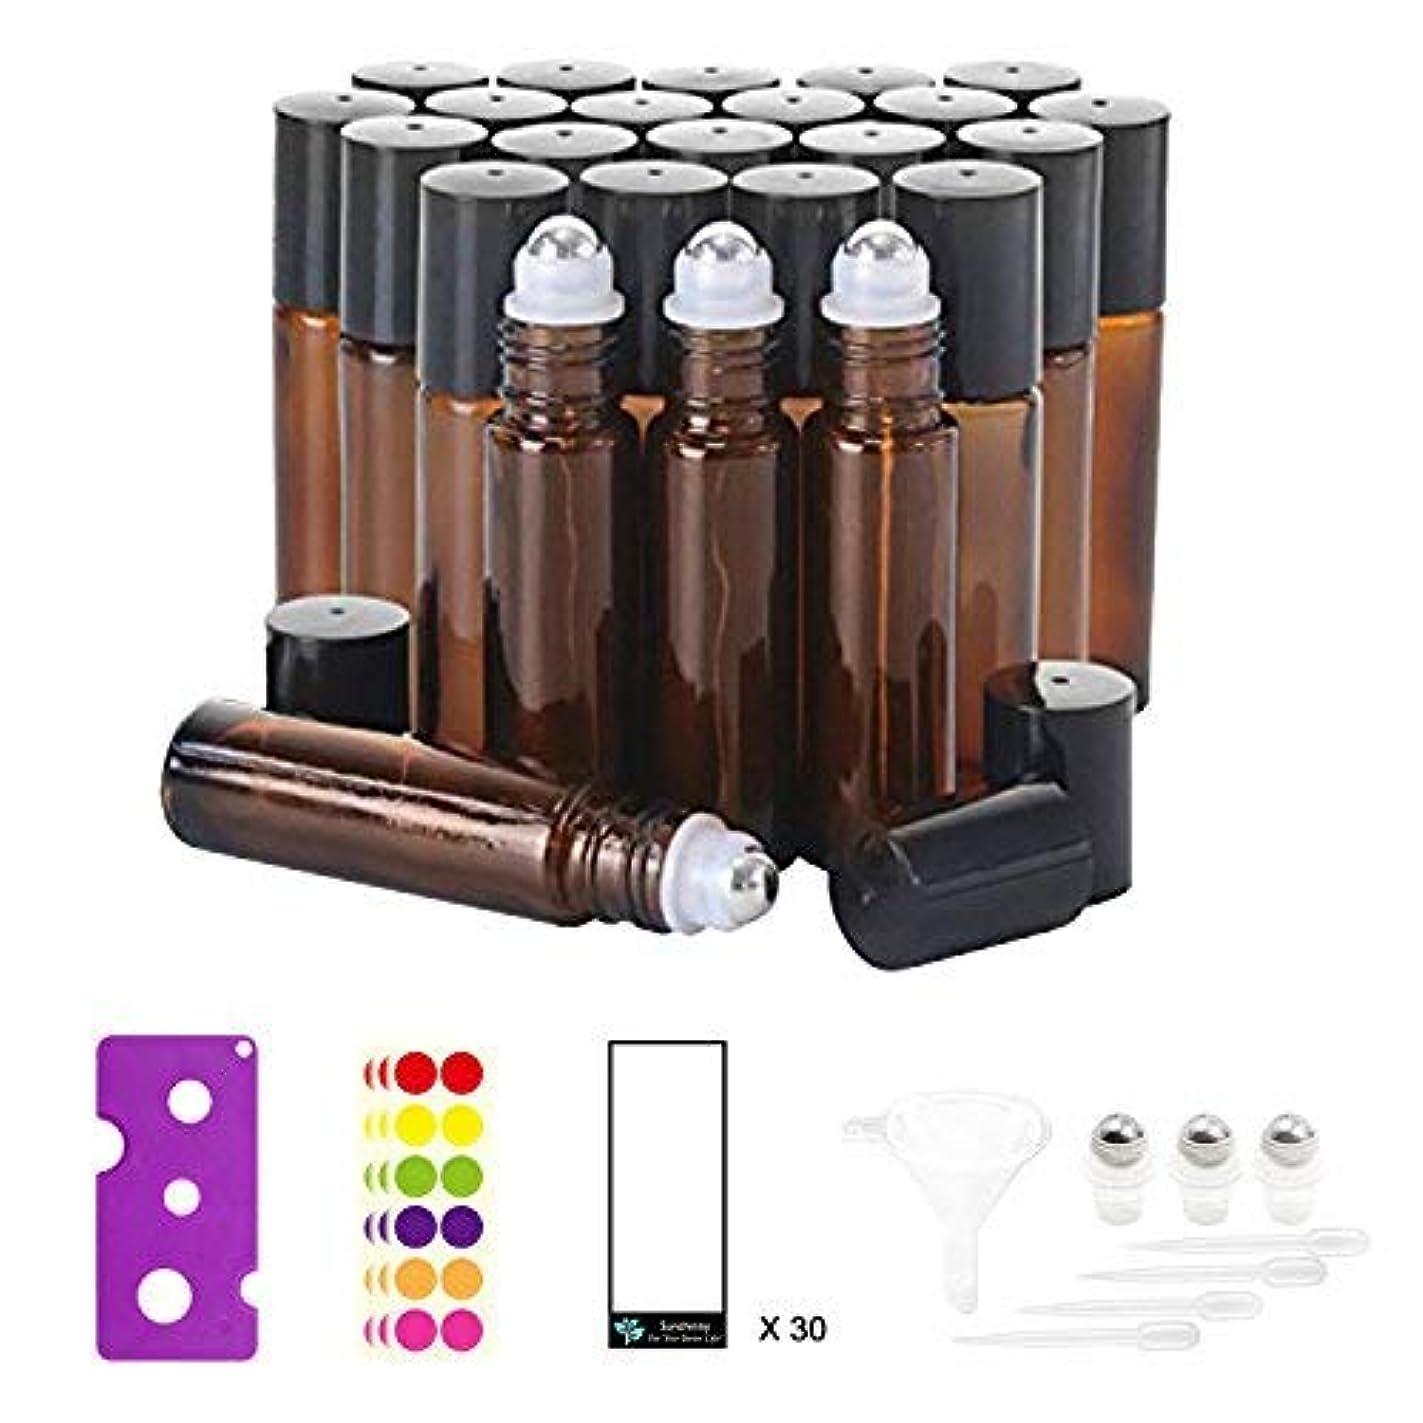 ウールブランド名冷蔵庫24, 10 ml Glass Roller Bottles for Essential Oils - Amber, with Stainless Steel Roller Balls (3 Extra Roller Balls...